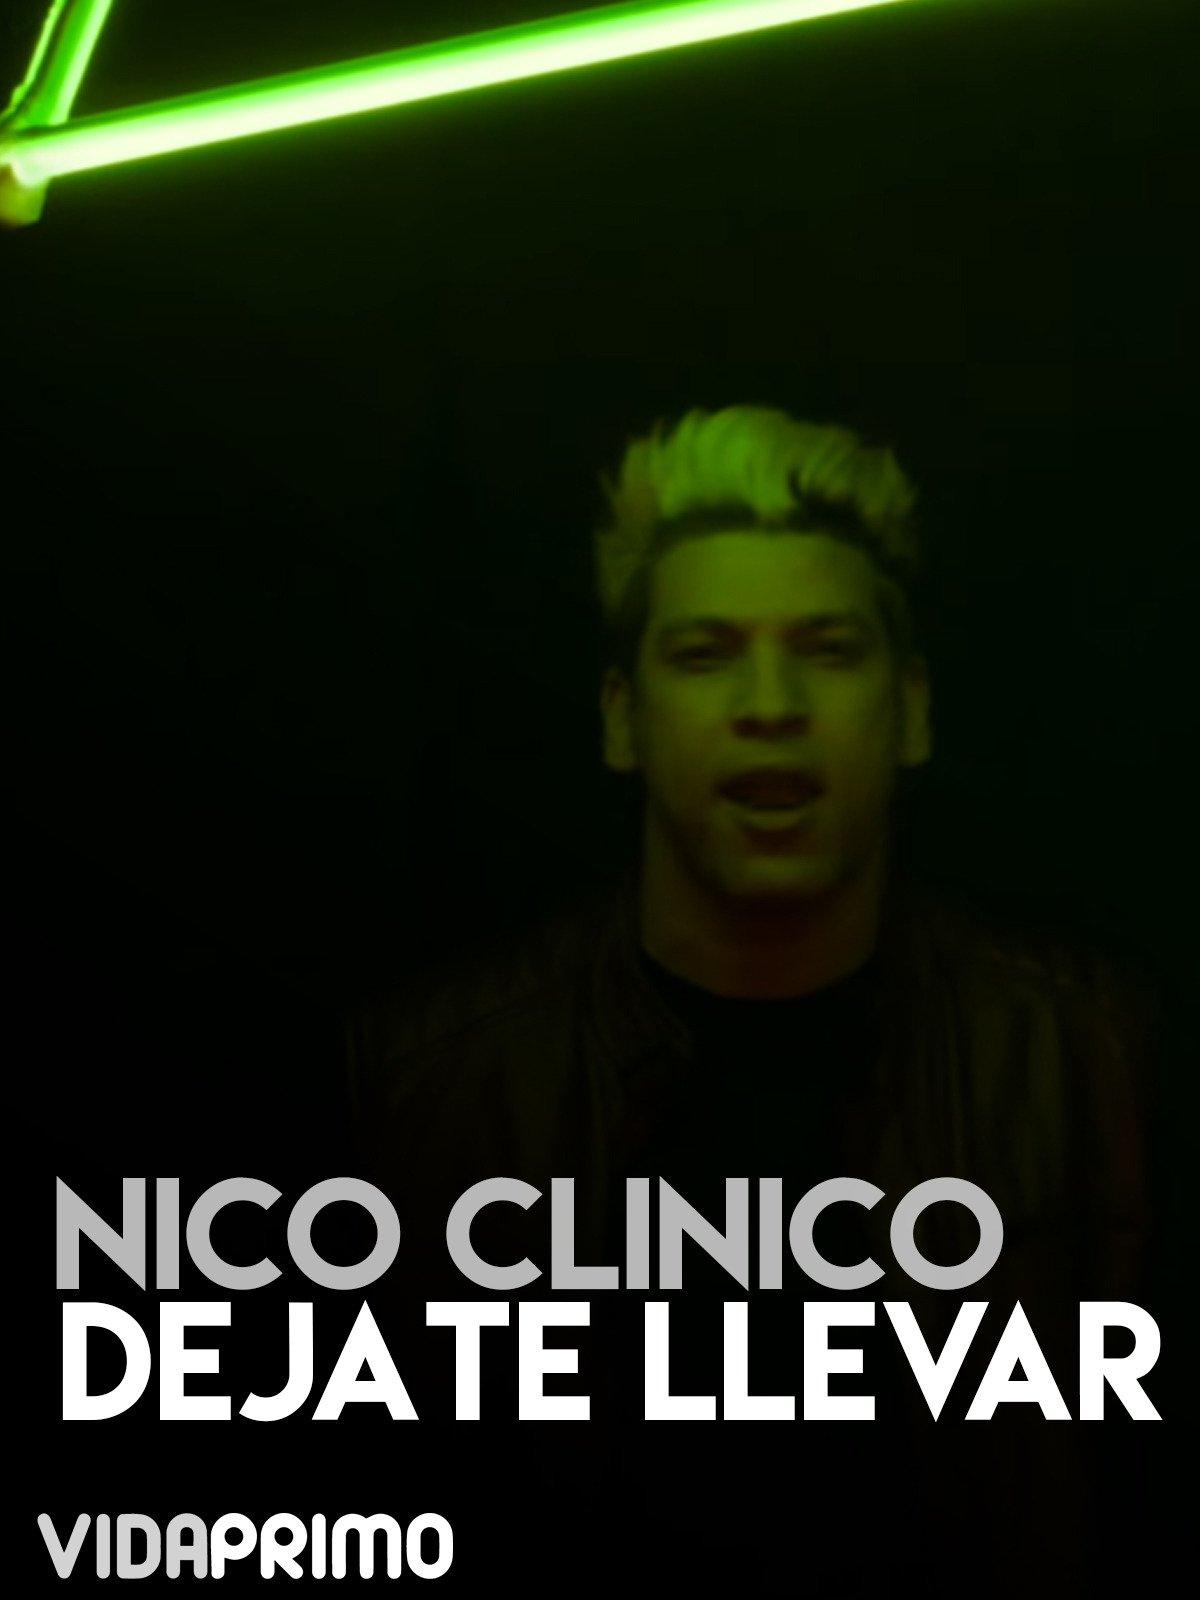 Nico Clinico